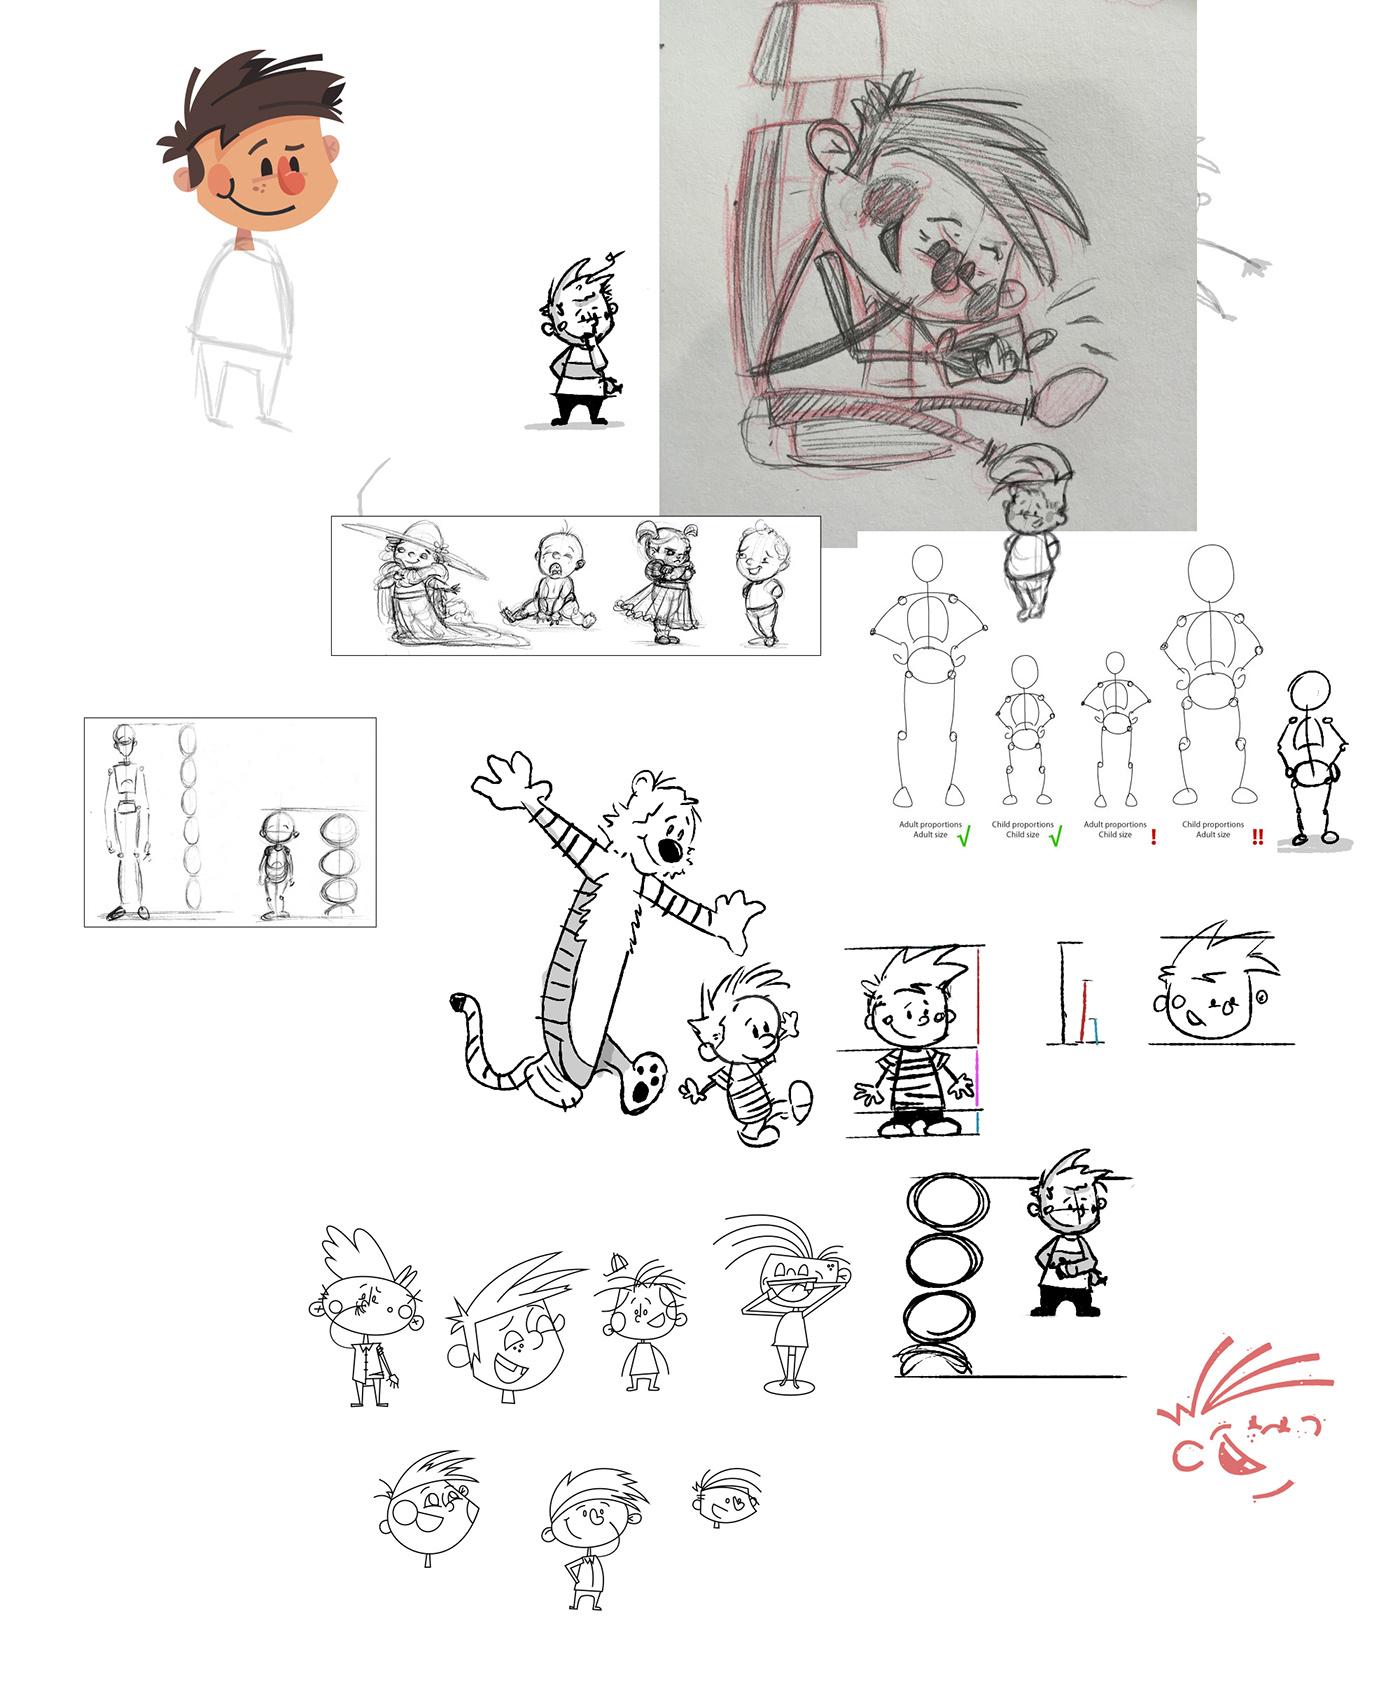 Character Design For Children S Books : Children s book character design process on behance